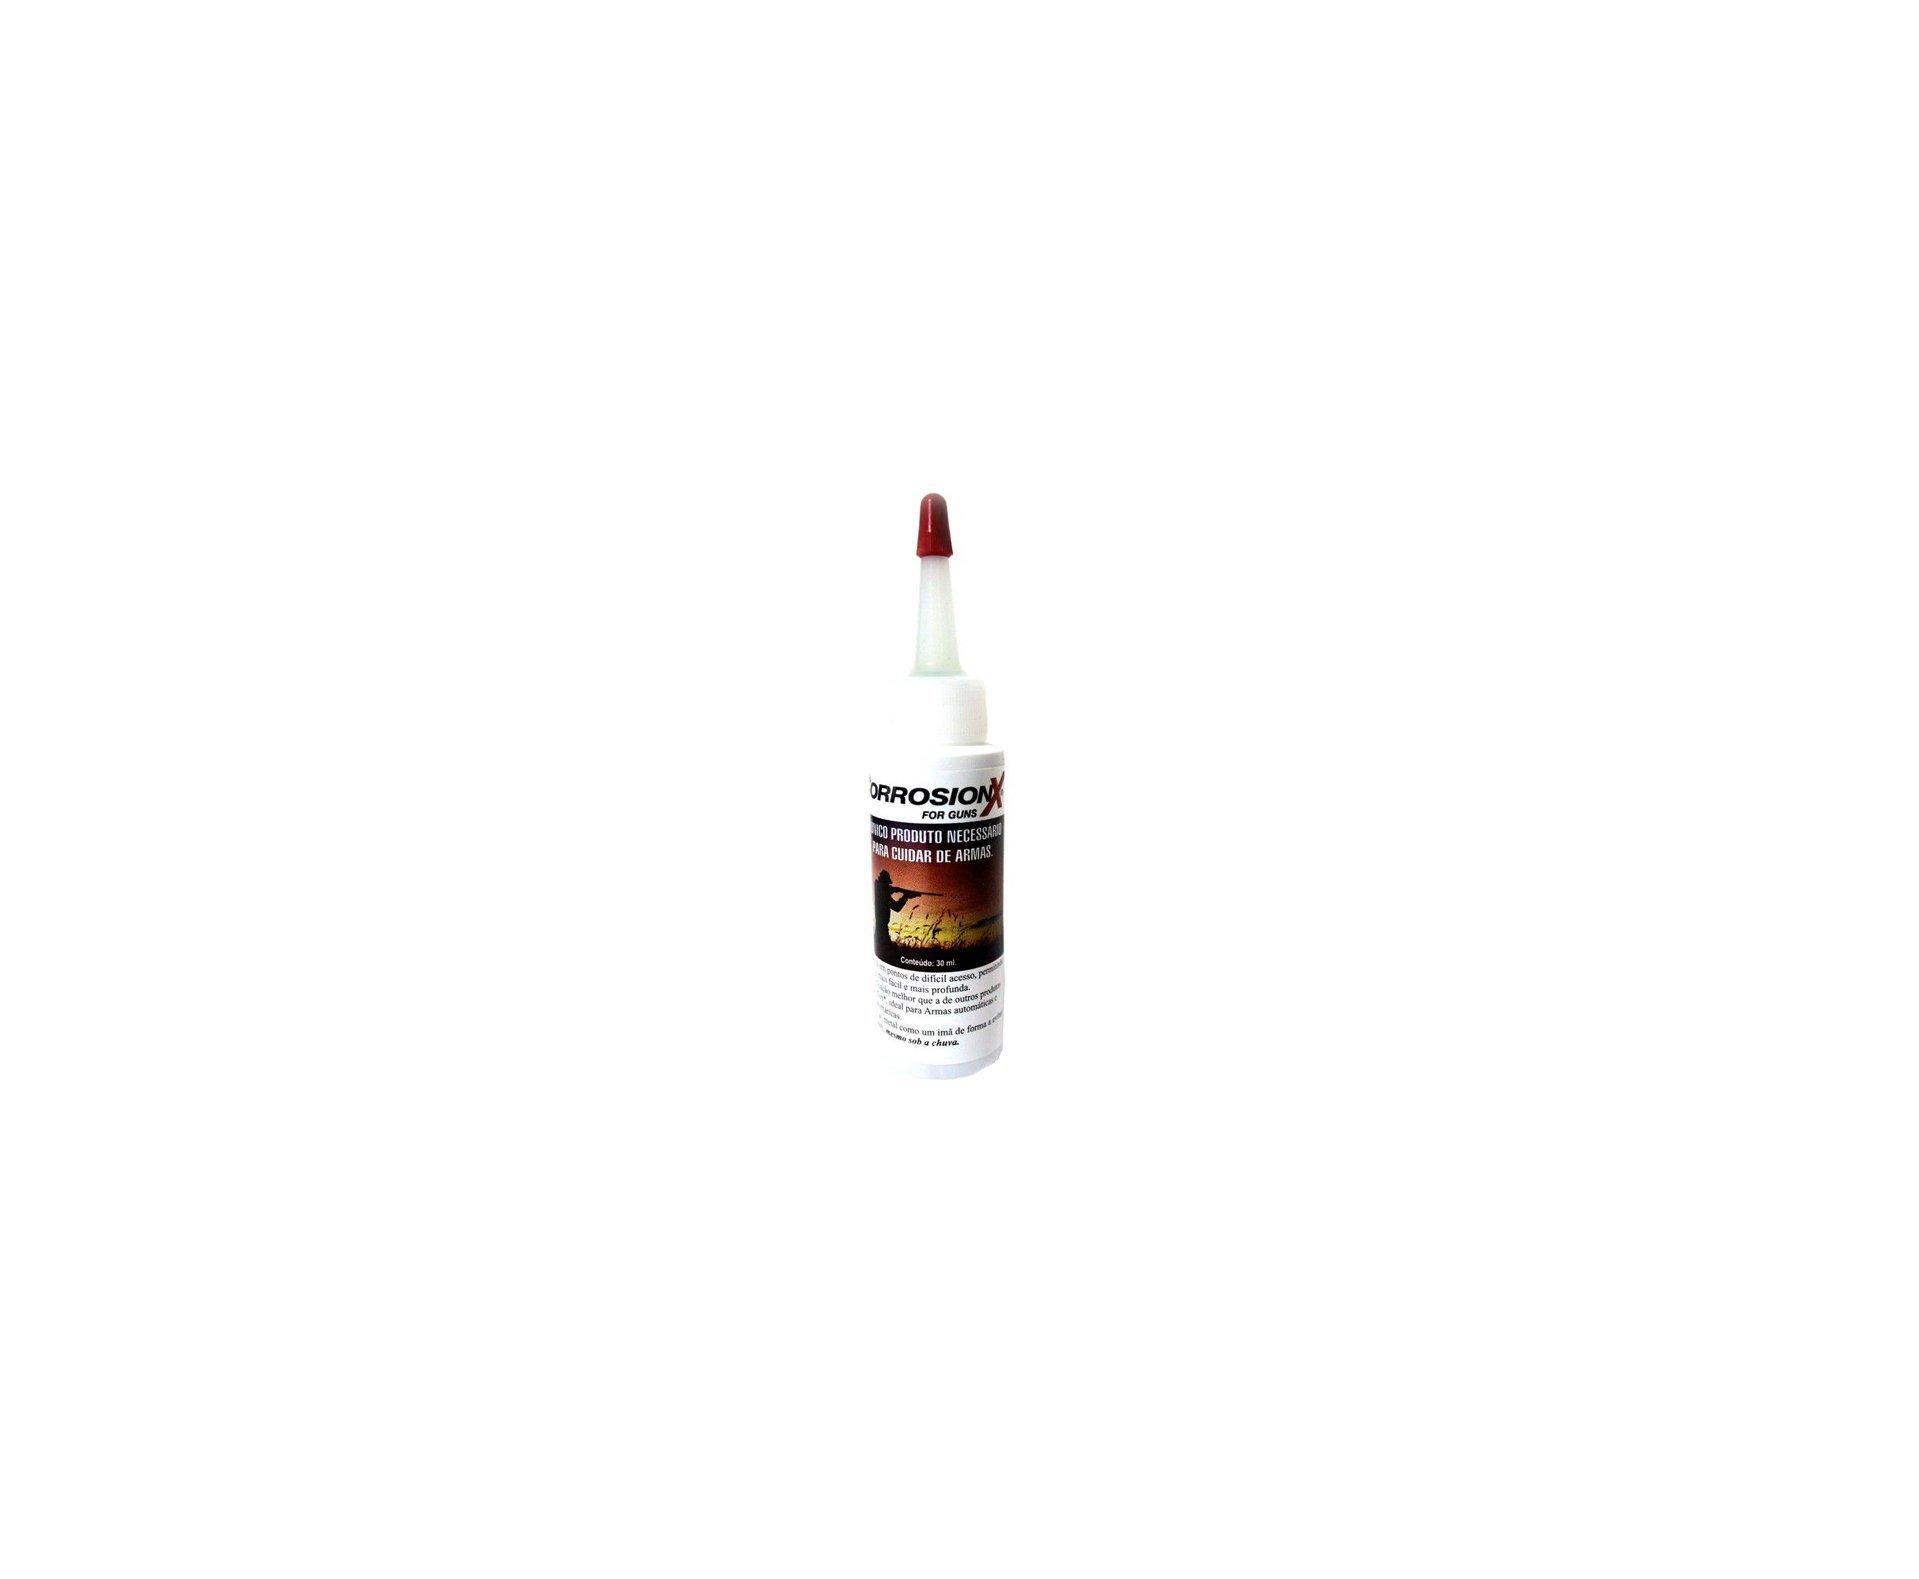 Lubrificante/anticorrosivo Corrosionx Marine-guns - Almotolia - 30ml